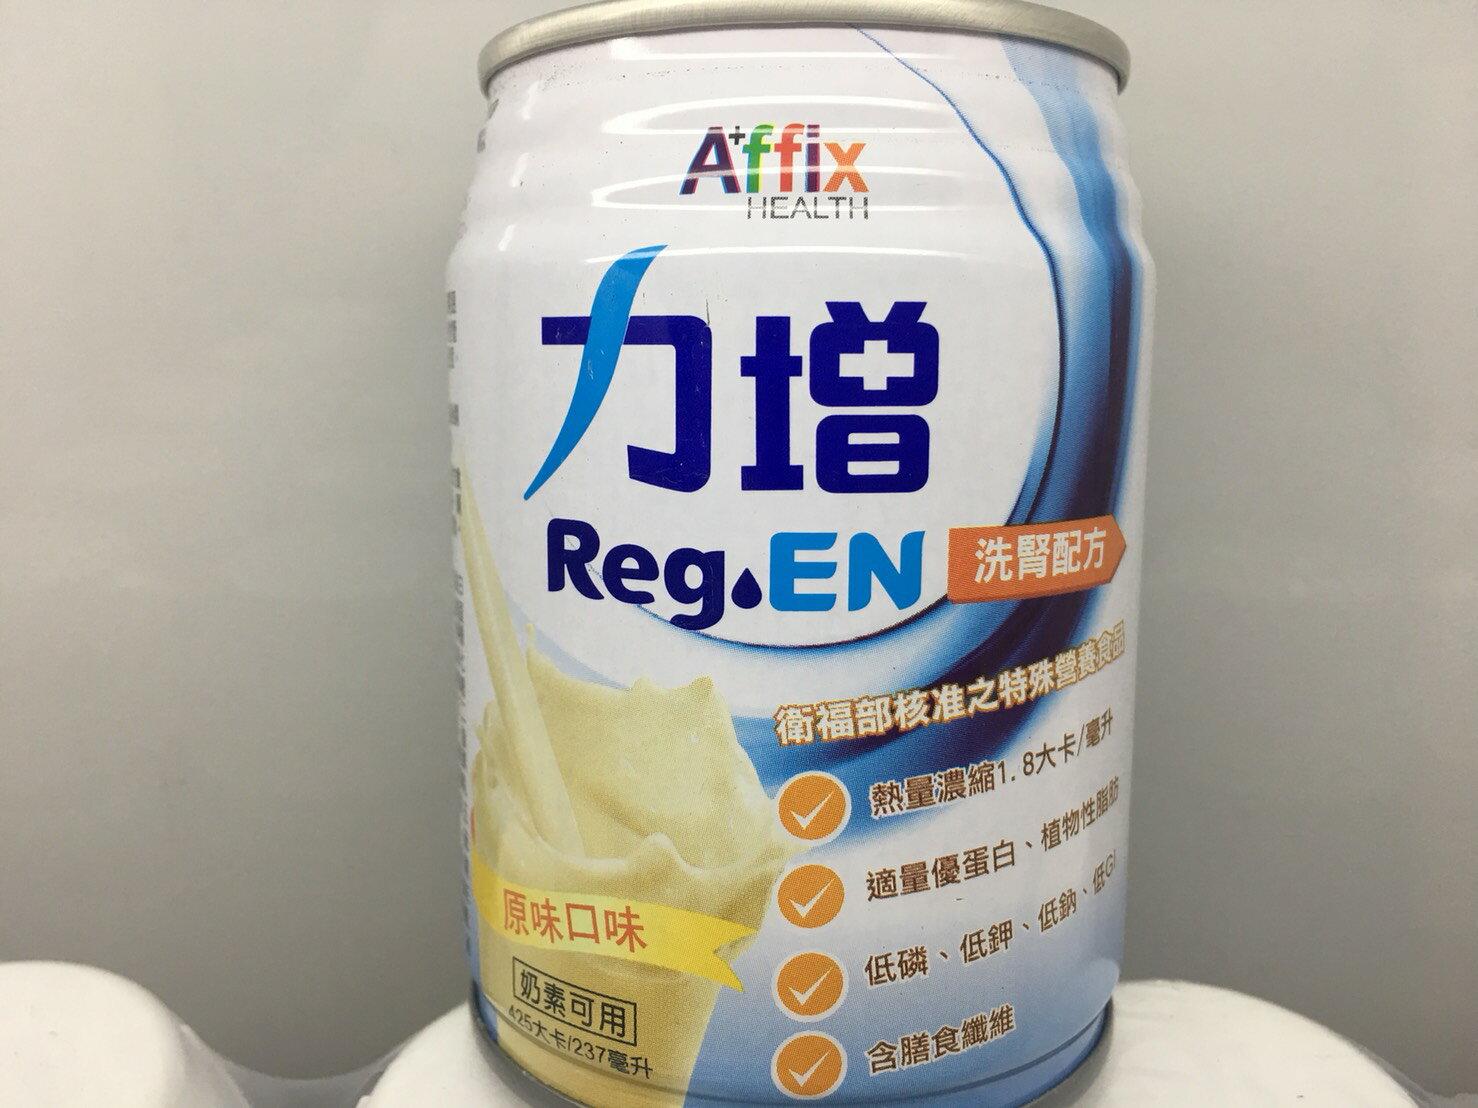 力增 洗腎配方-18%蛋白原味配方 含膳食纖維 支鏈胺基酸 麩胺酸 D3可管灌 425大卡 低磷鉀鈉似亞培普寧勝